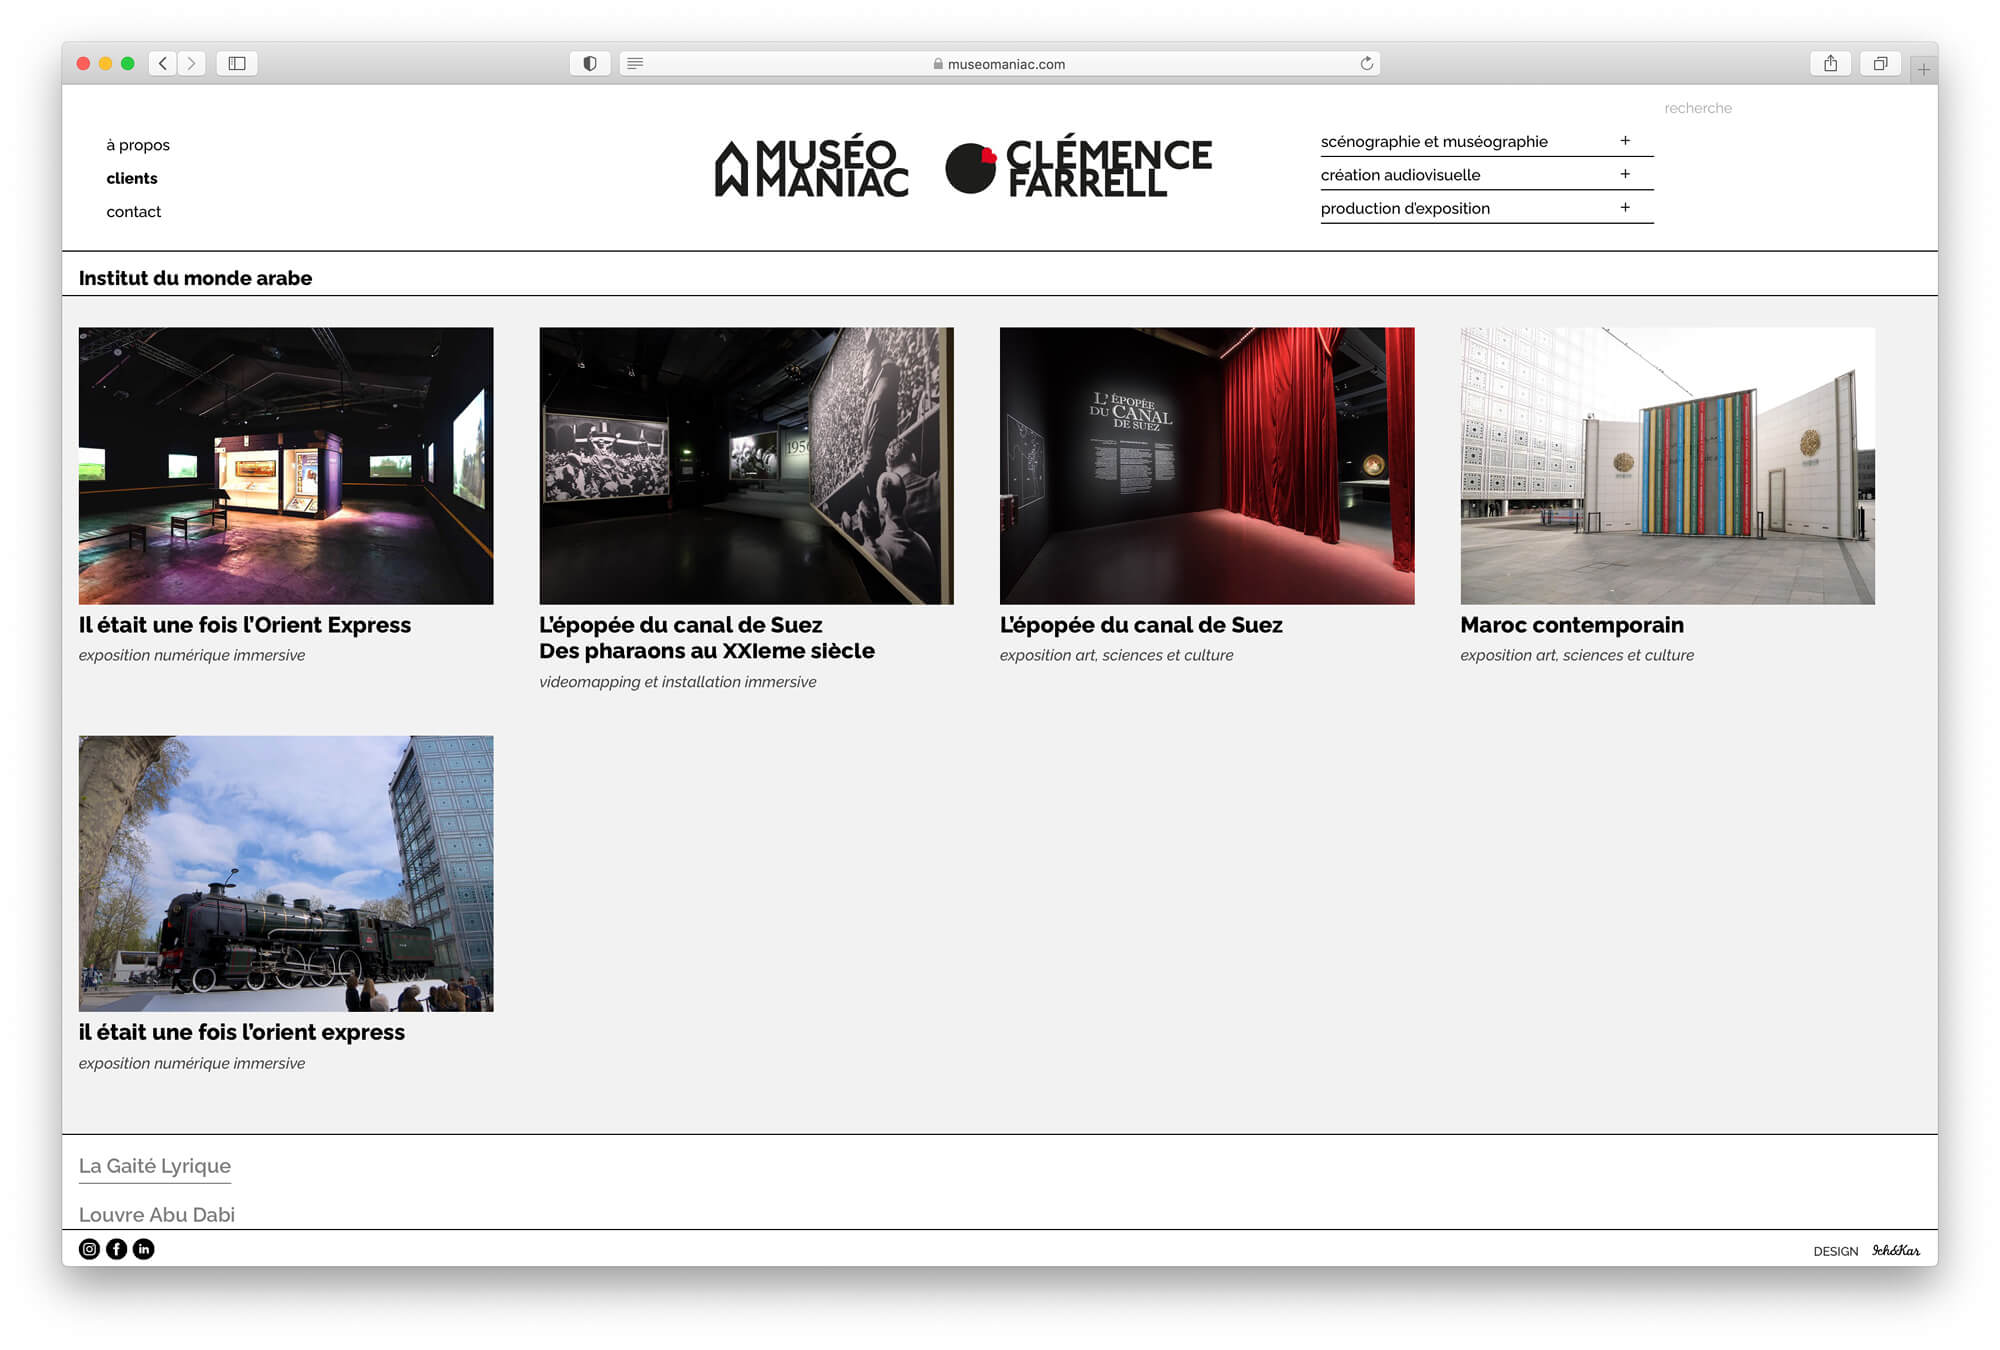 Un système de catégorie pour pouvoir trier les projets de clemence farrell, design web ichetkar